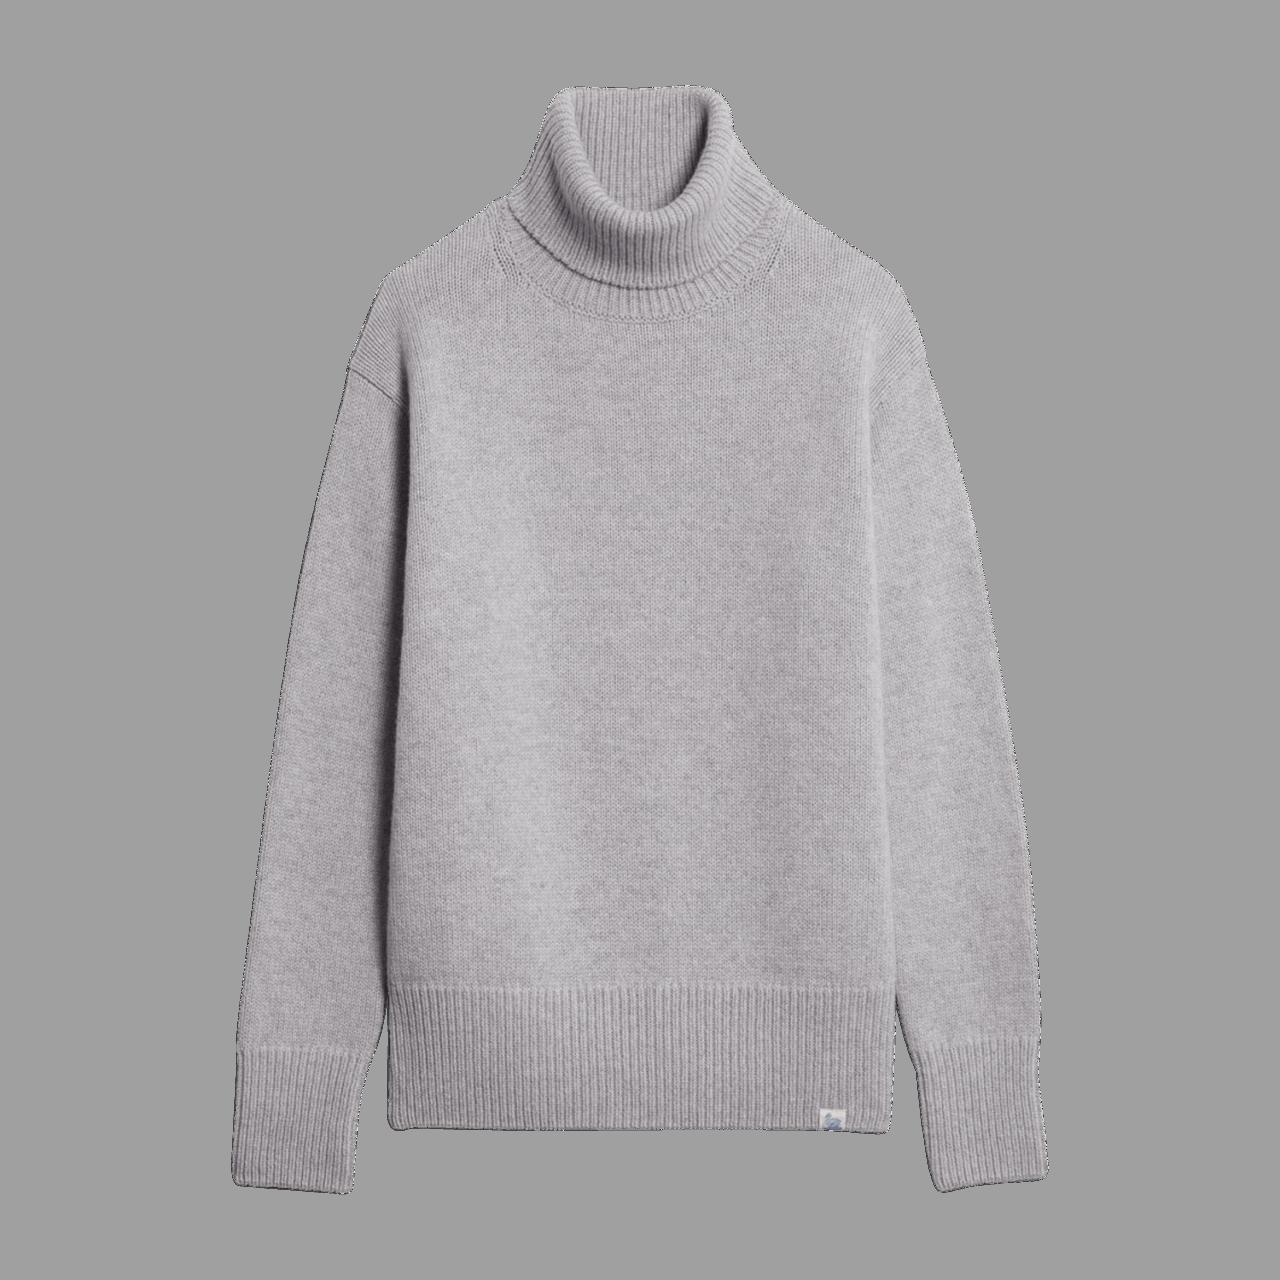 Merz b. Rollkragen Pullover - grey melange